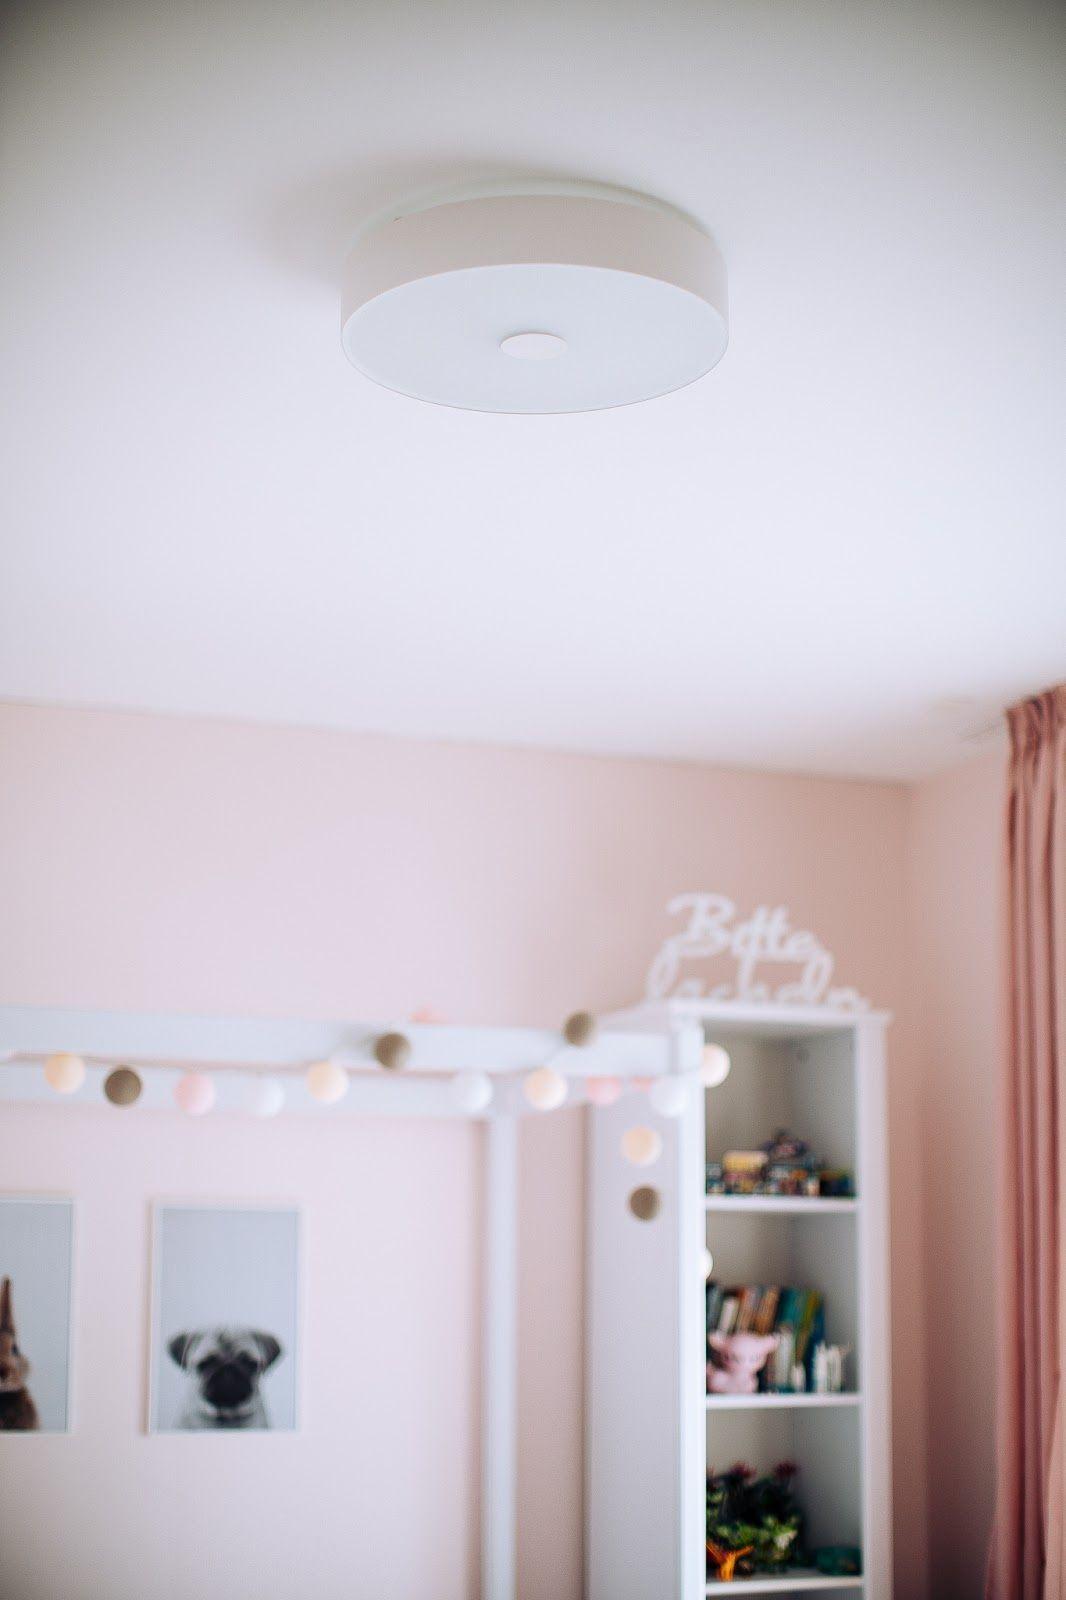 Mache Das Kinderzimmer Smarter Lampe Kinderzimmer Kinder Zimmer Und Kinderzimmer